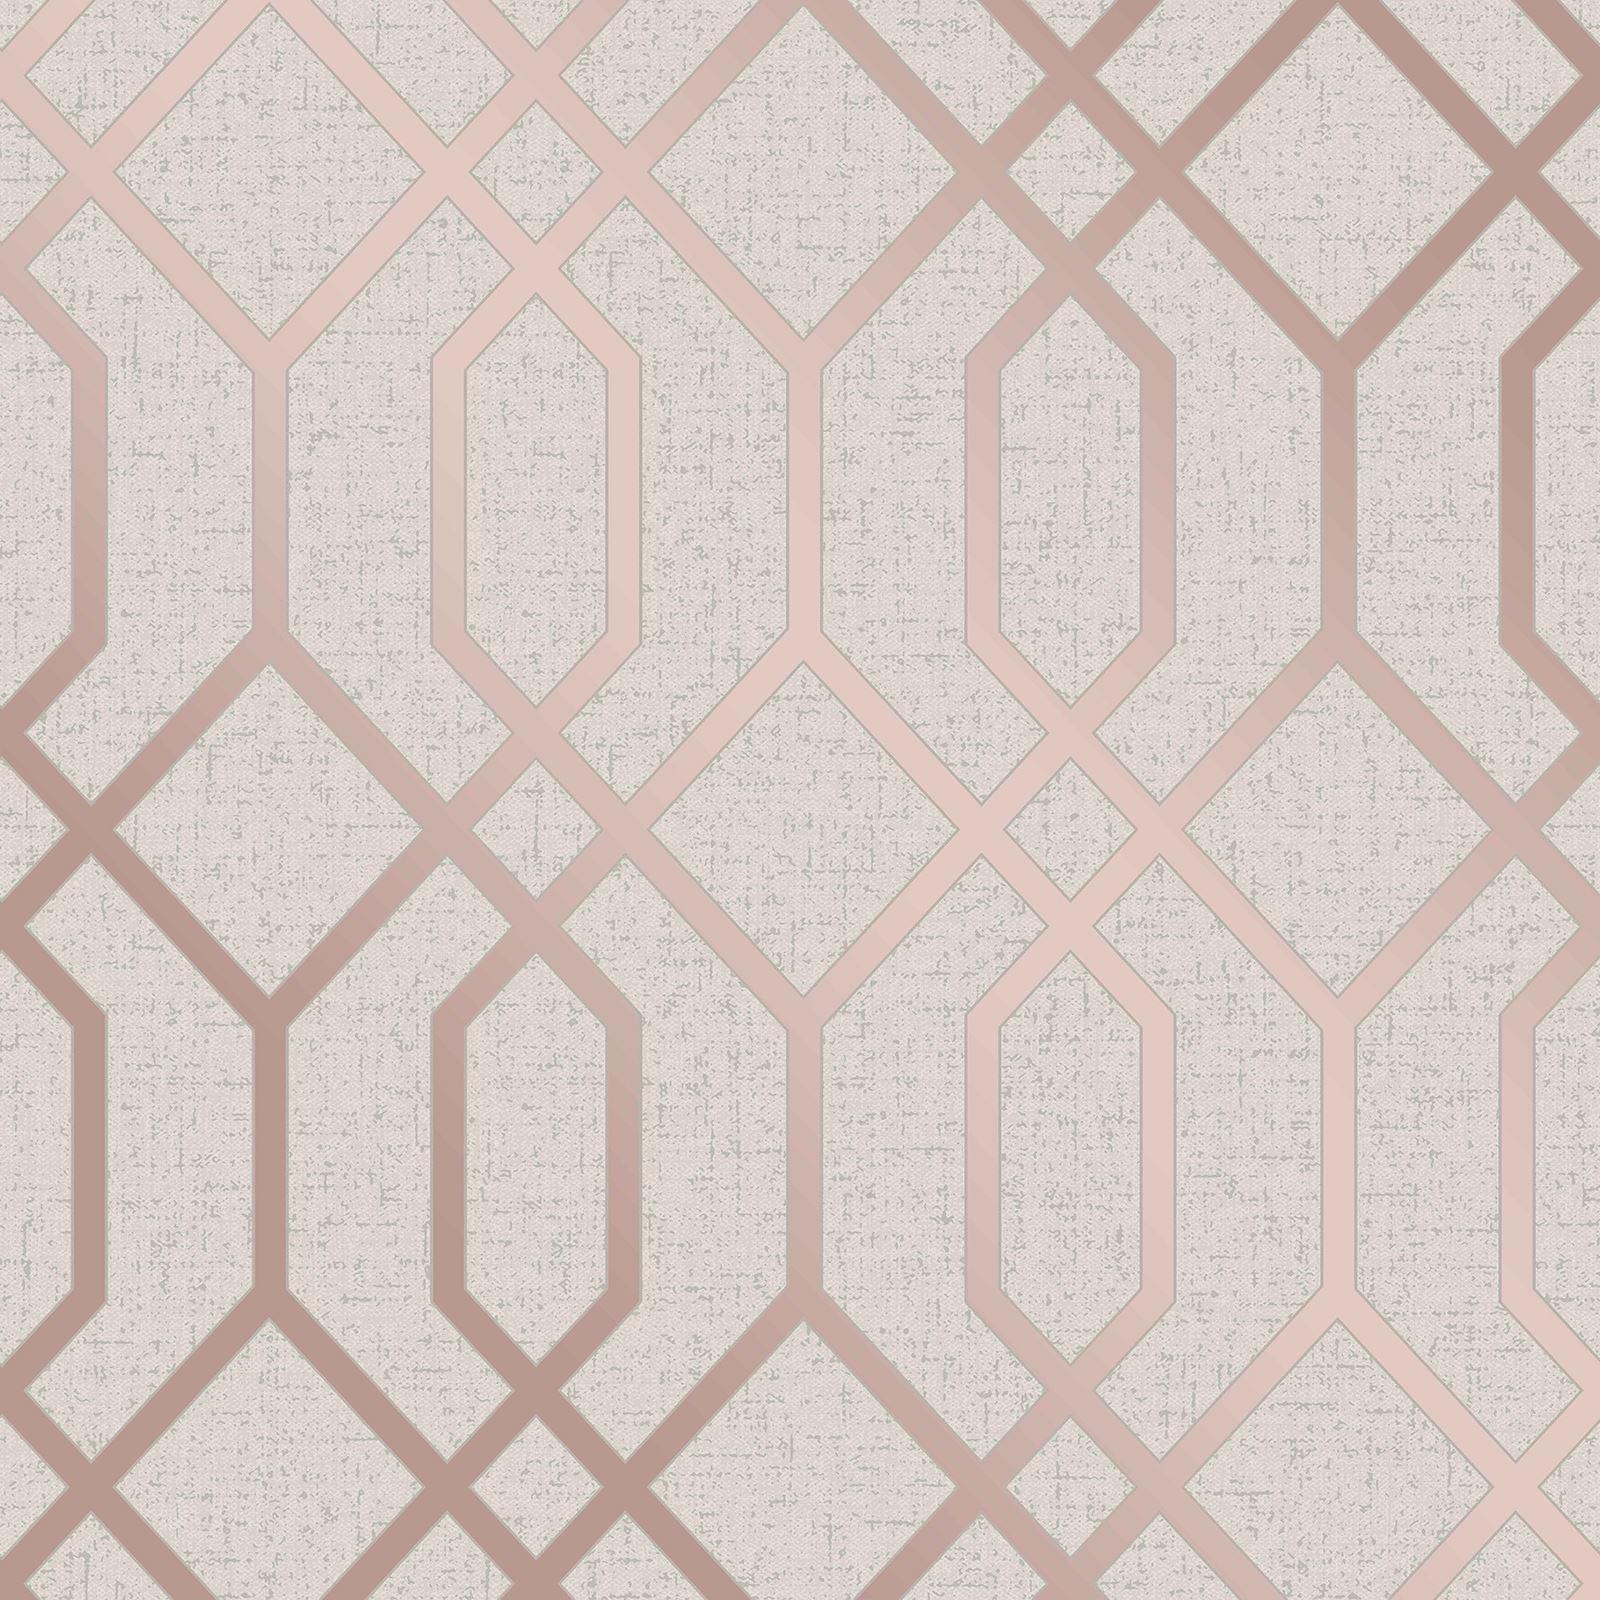 Apex Geo Wallpaper Rose Gold: ROSE GOLD / PINK GREY BEIGE WALLPAPER STRIPE GEOMETRIC DAMASK MARBLE METALLIC